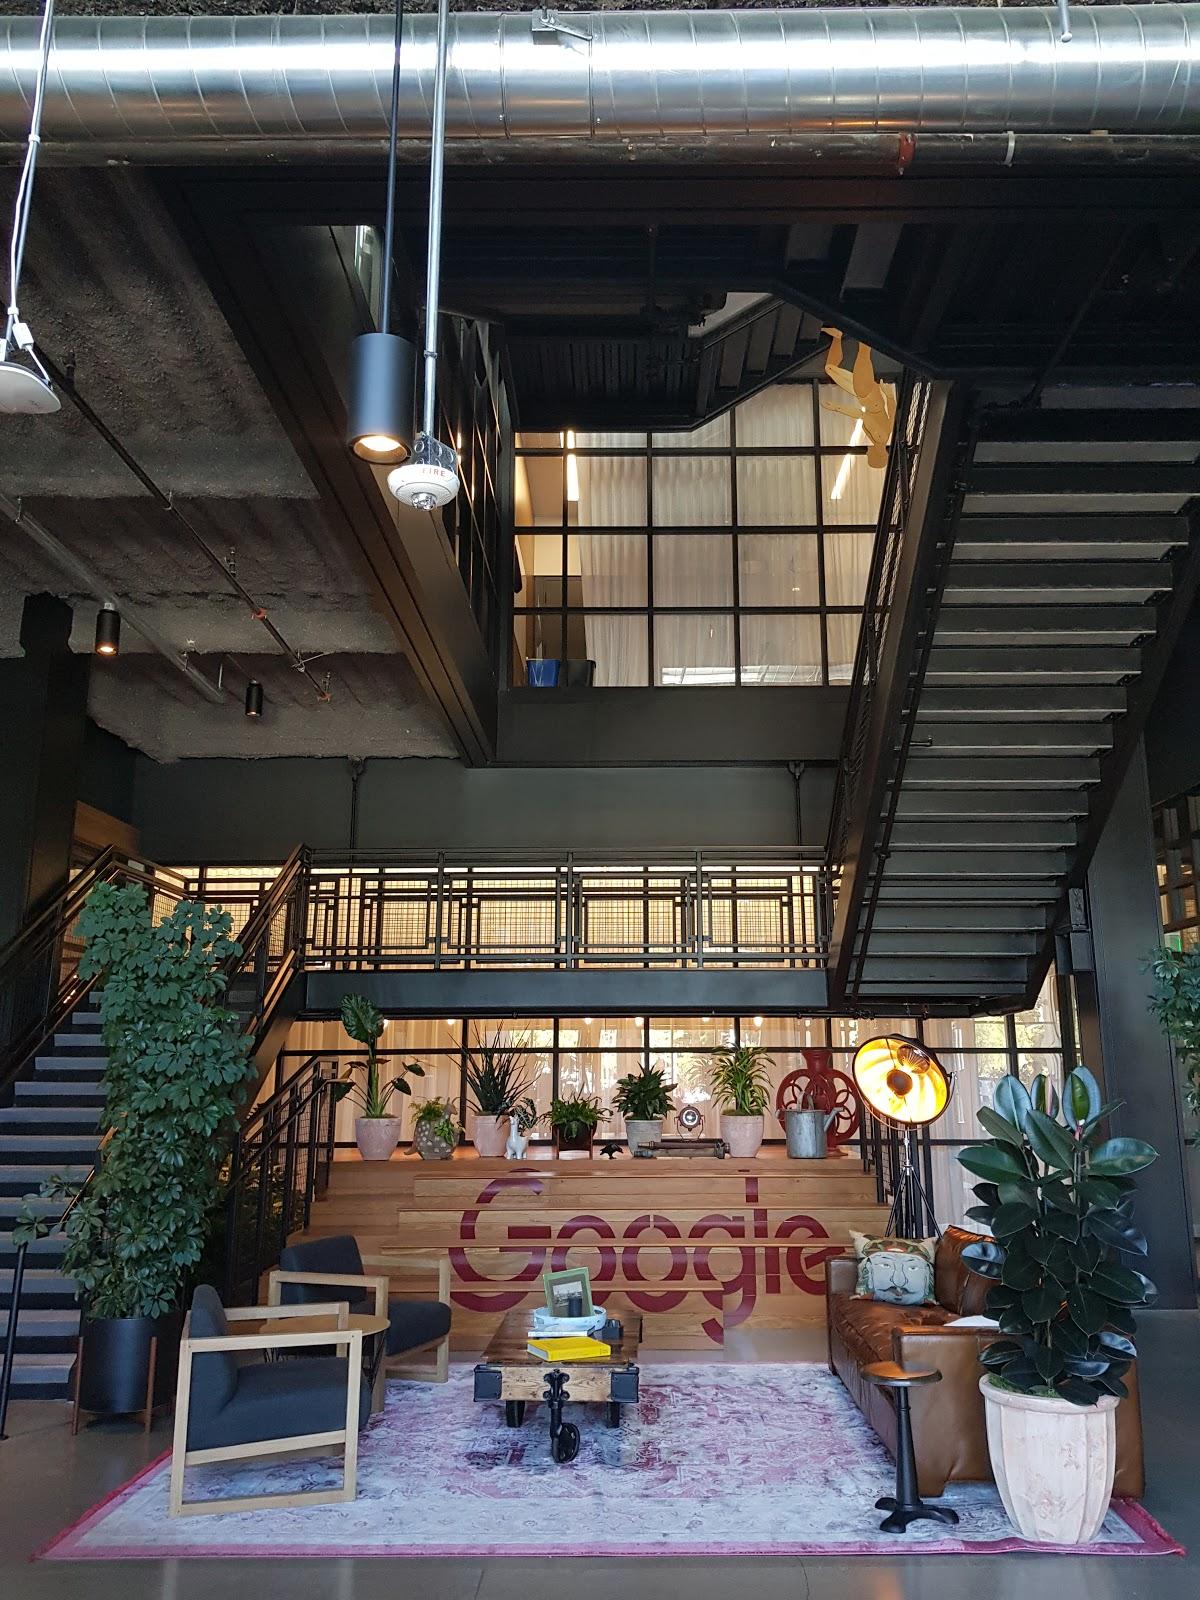 Стажировки в Google: Цюрих, Лондон и Кремниевая долина - 13